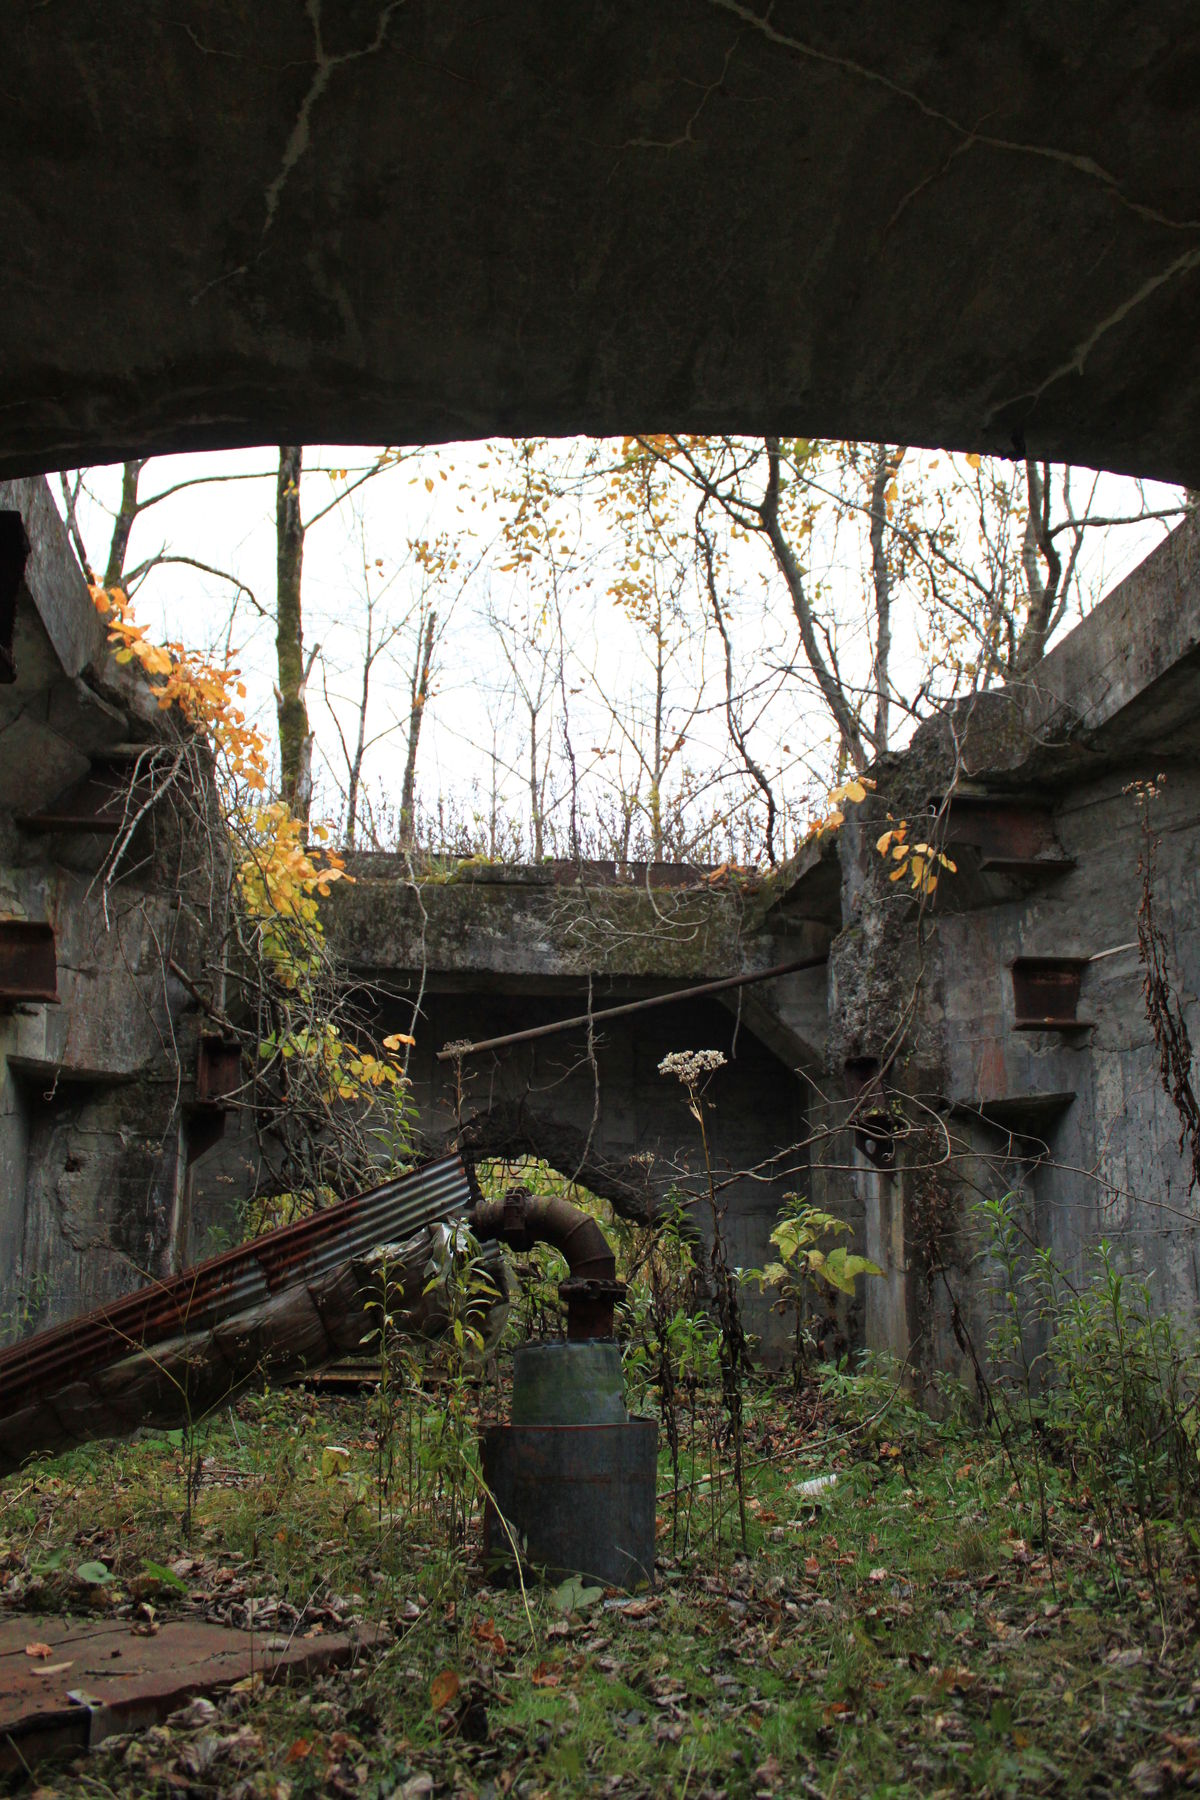 ��������� sorairo coal mine ������